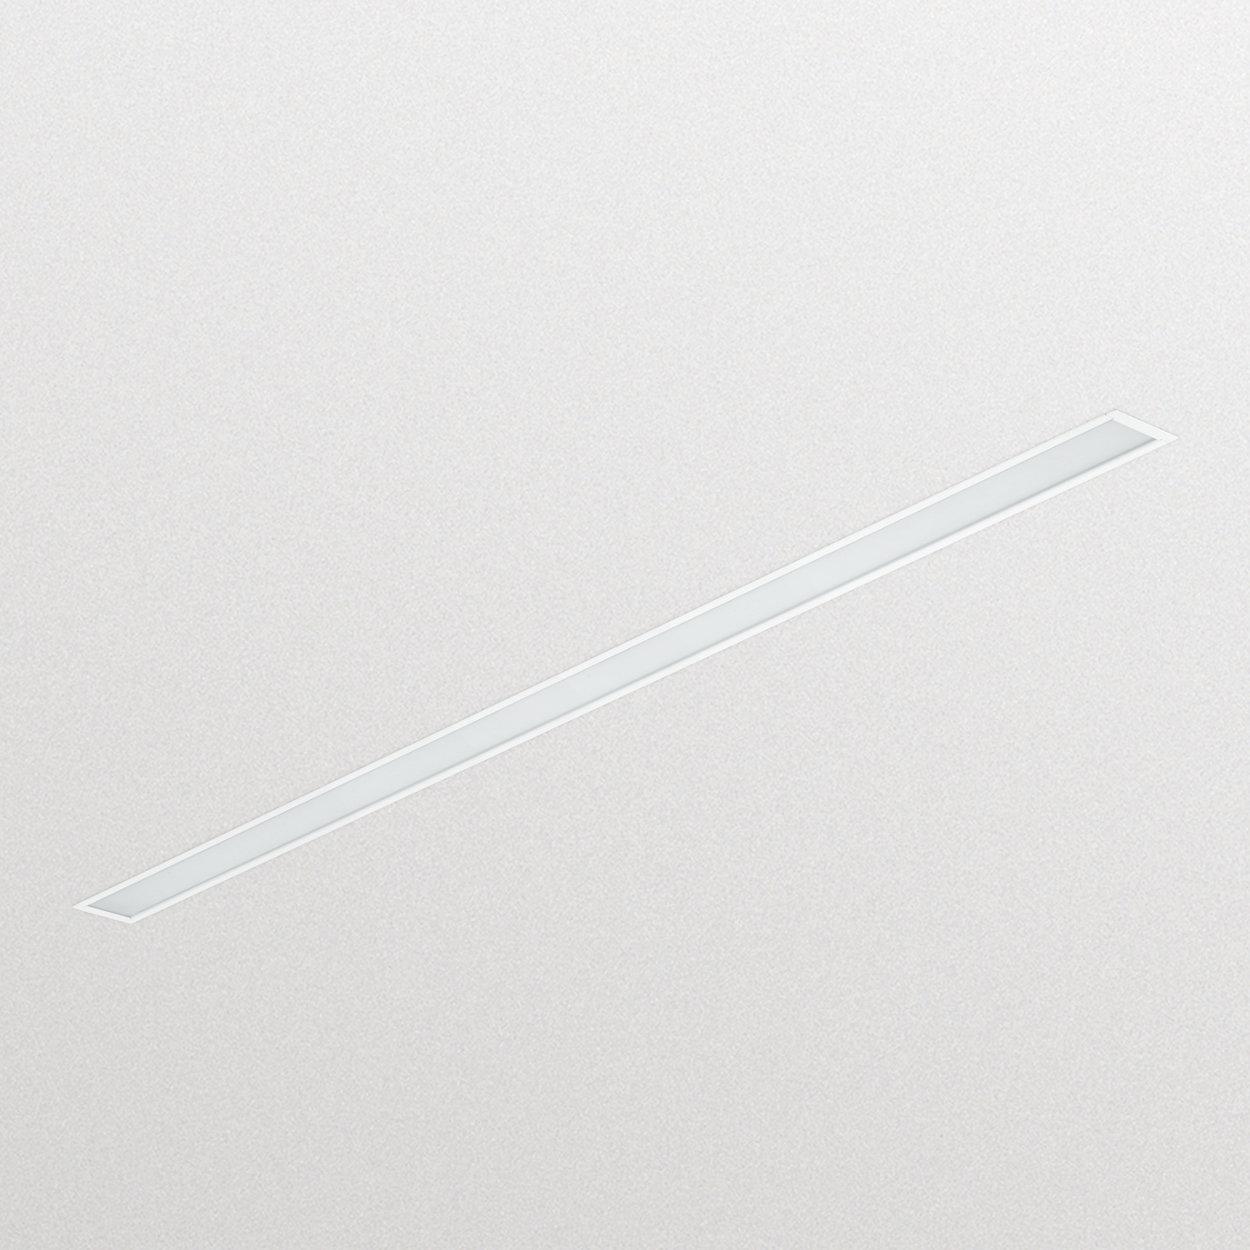 Jednoduché a flexibilné riešenie pre vytvorenie moderných svetelných línií v profesionálnych aj maloobchodných priestoroch